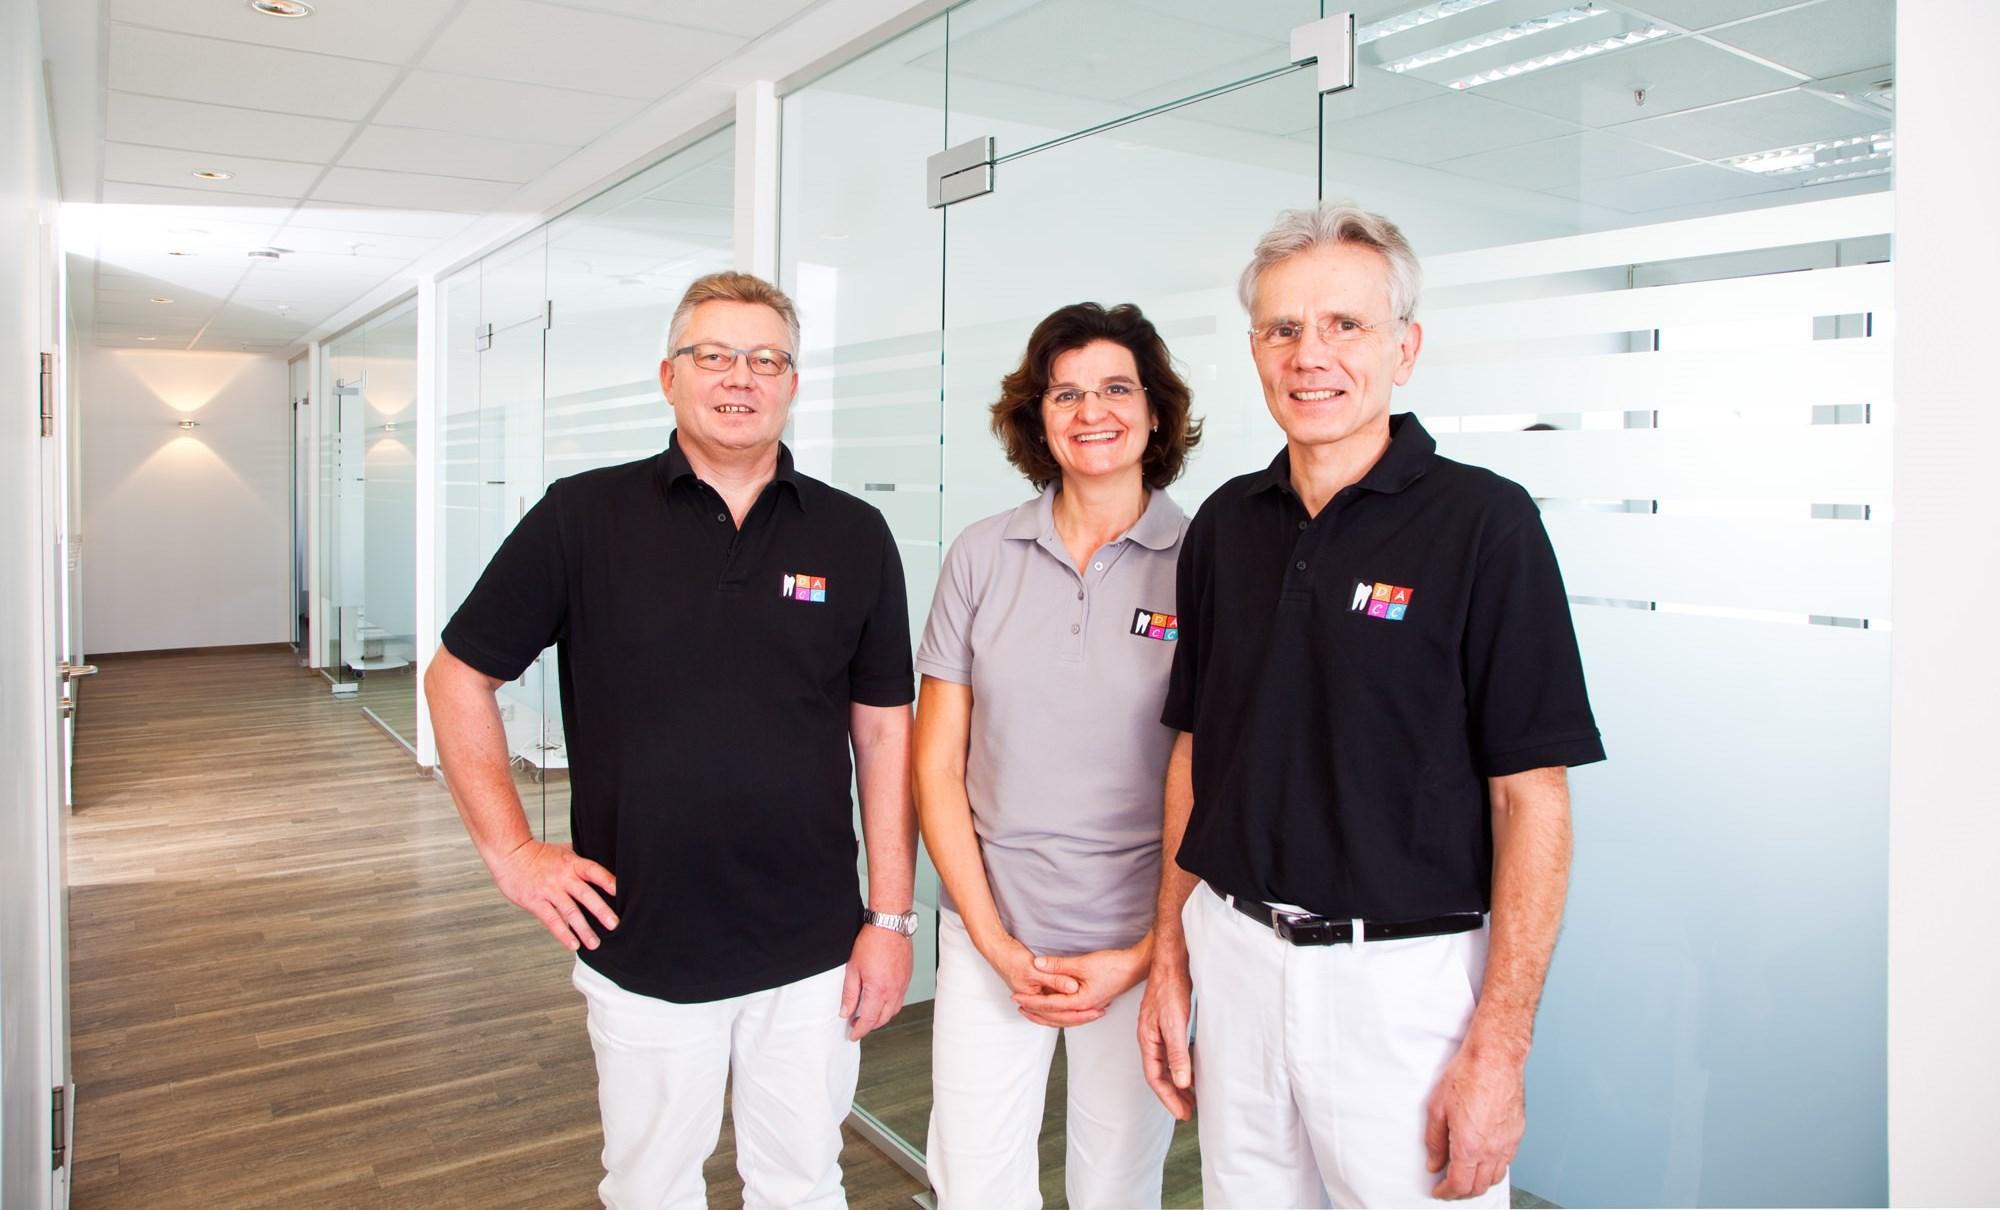 Zahnheilkunde Cremer Dr. Dirk, Antje und Claas Cremer